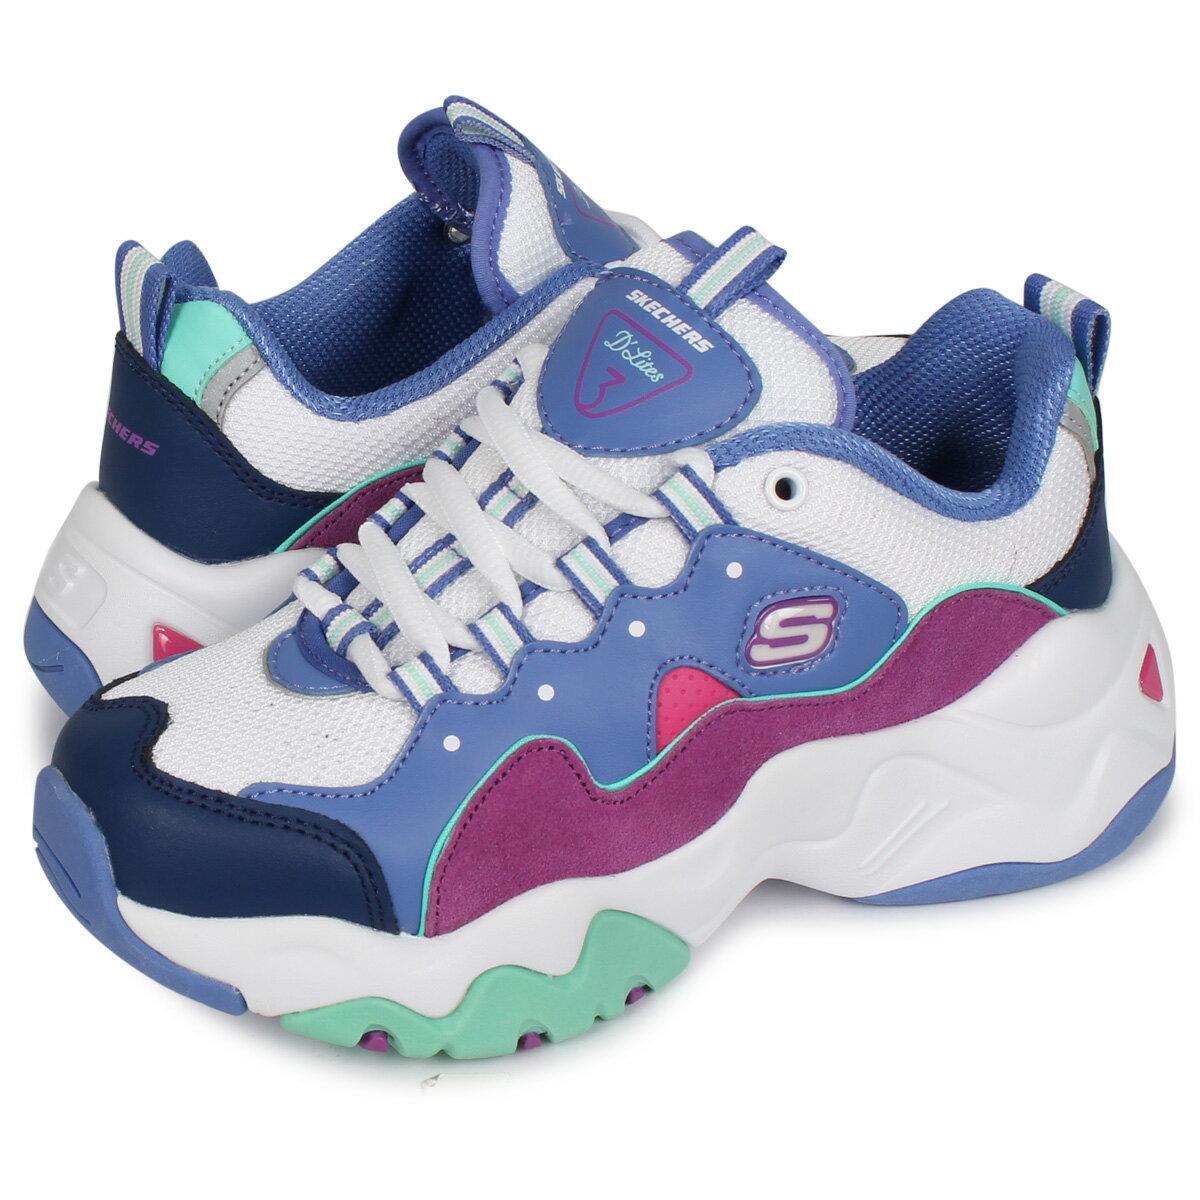 レディース靴, スニーカー SKECHERS DLITES 3.0 ZENWAY 3.0 80443L